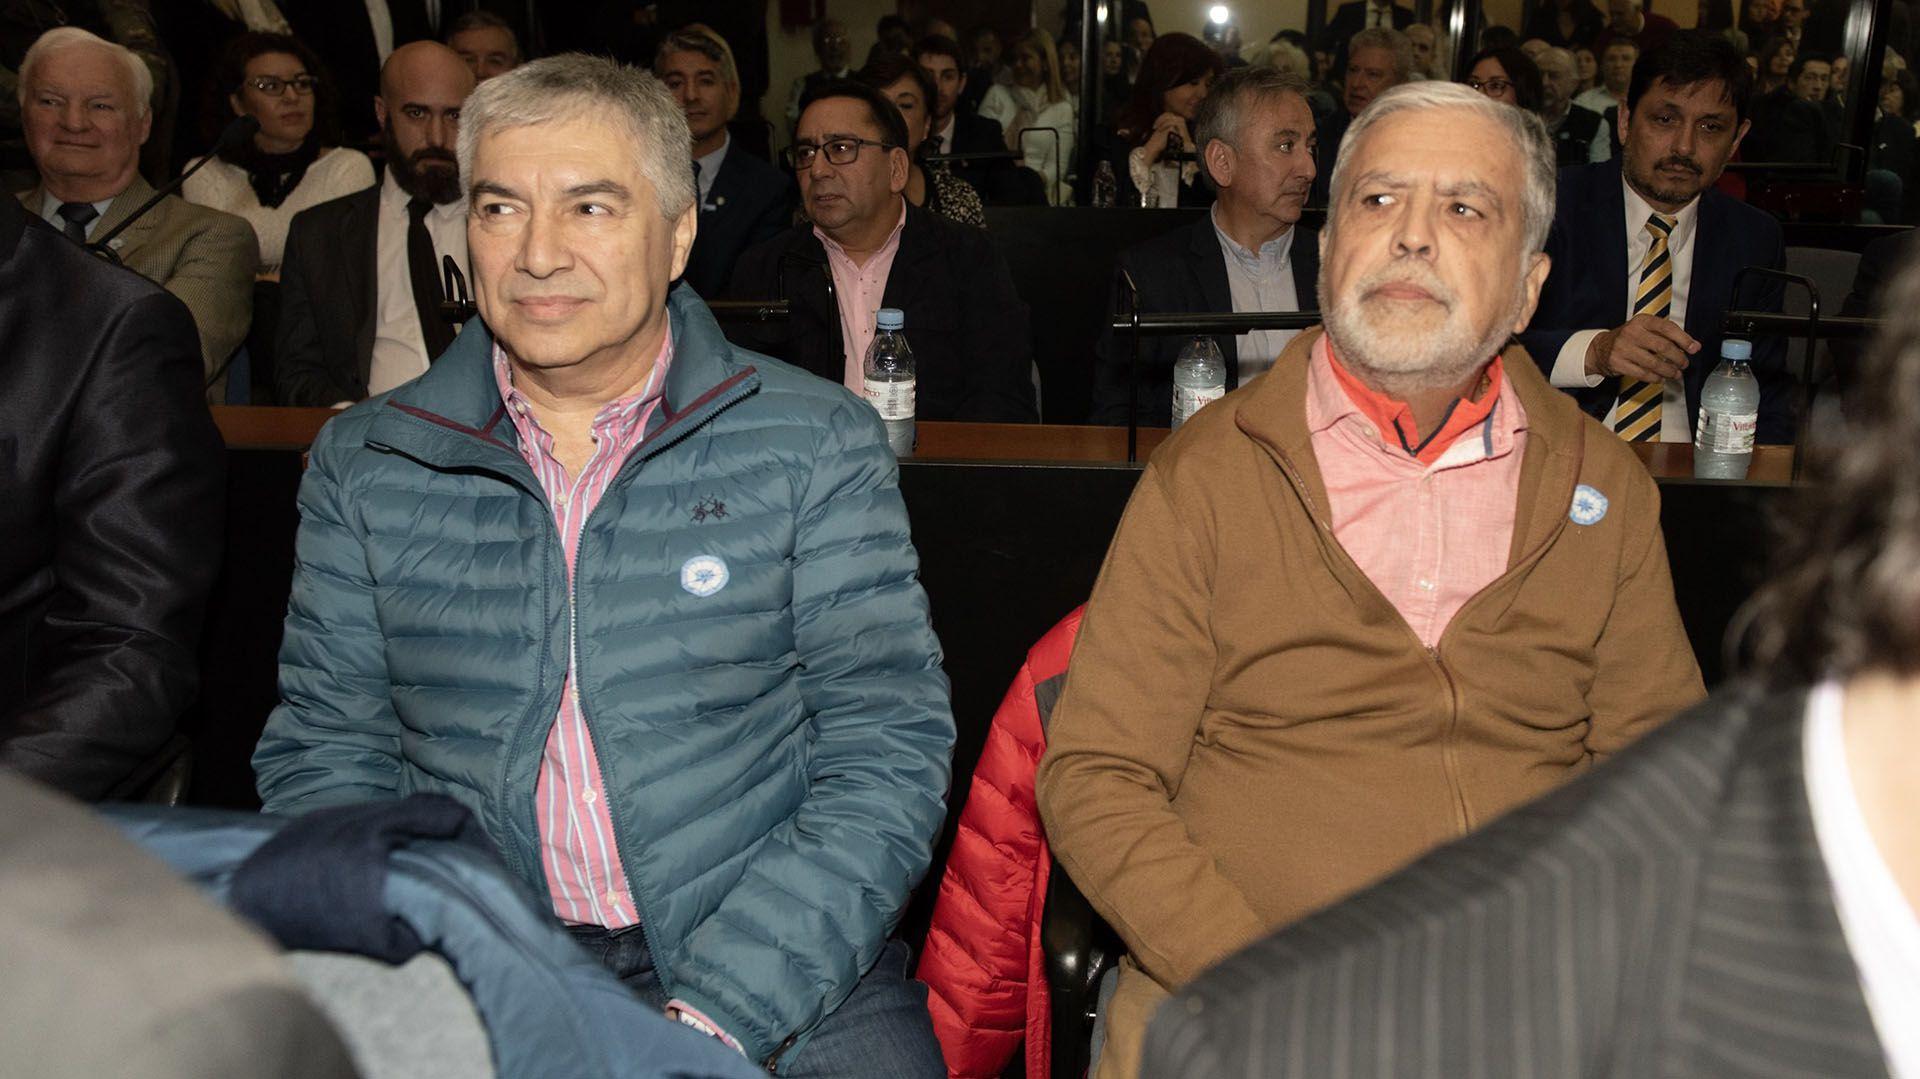 Báez y De Vido, ambos detenidos y dos de los 13 acusados del caso (Adrián Escandar)